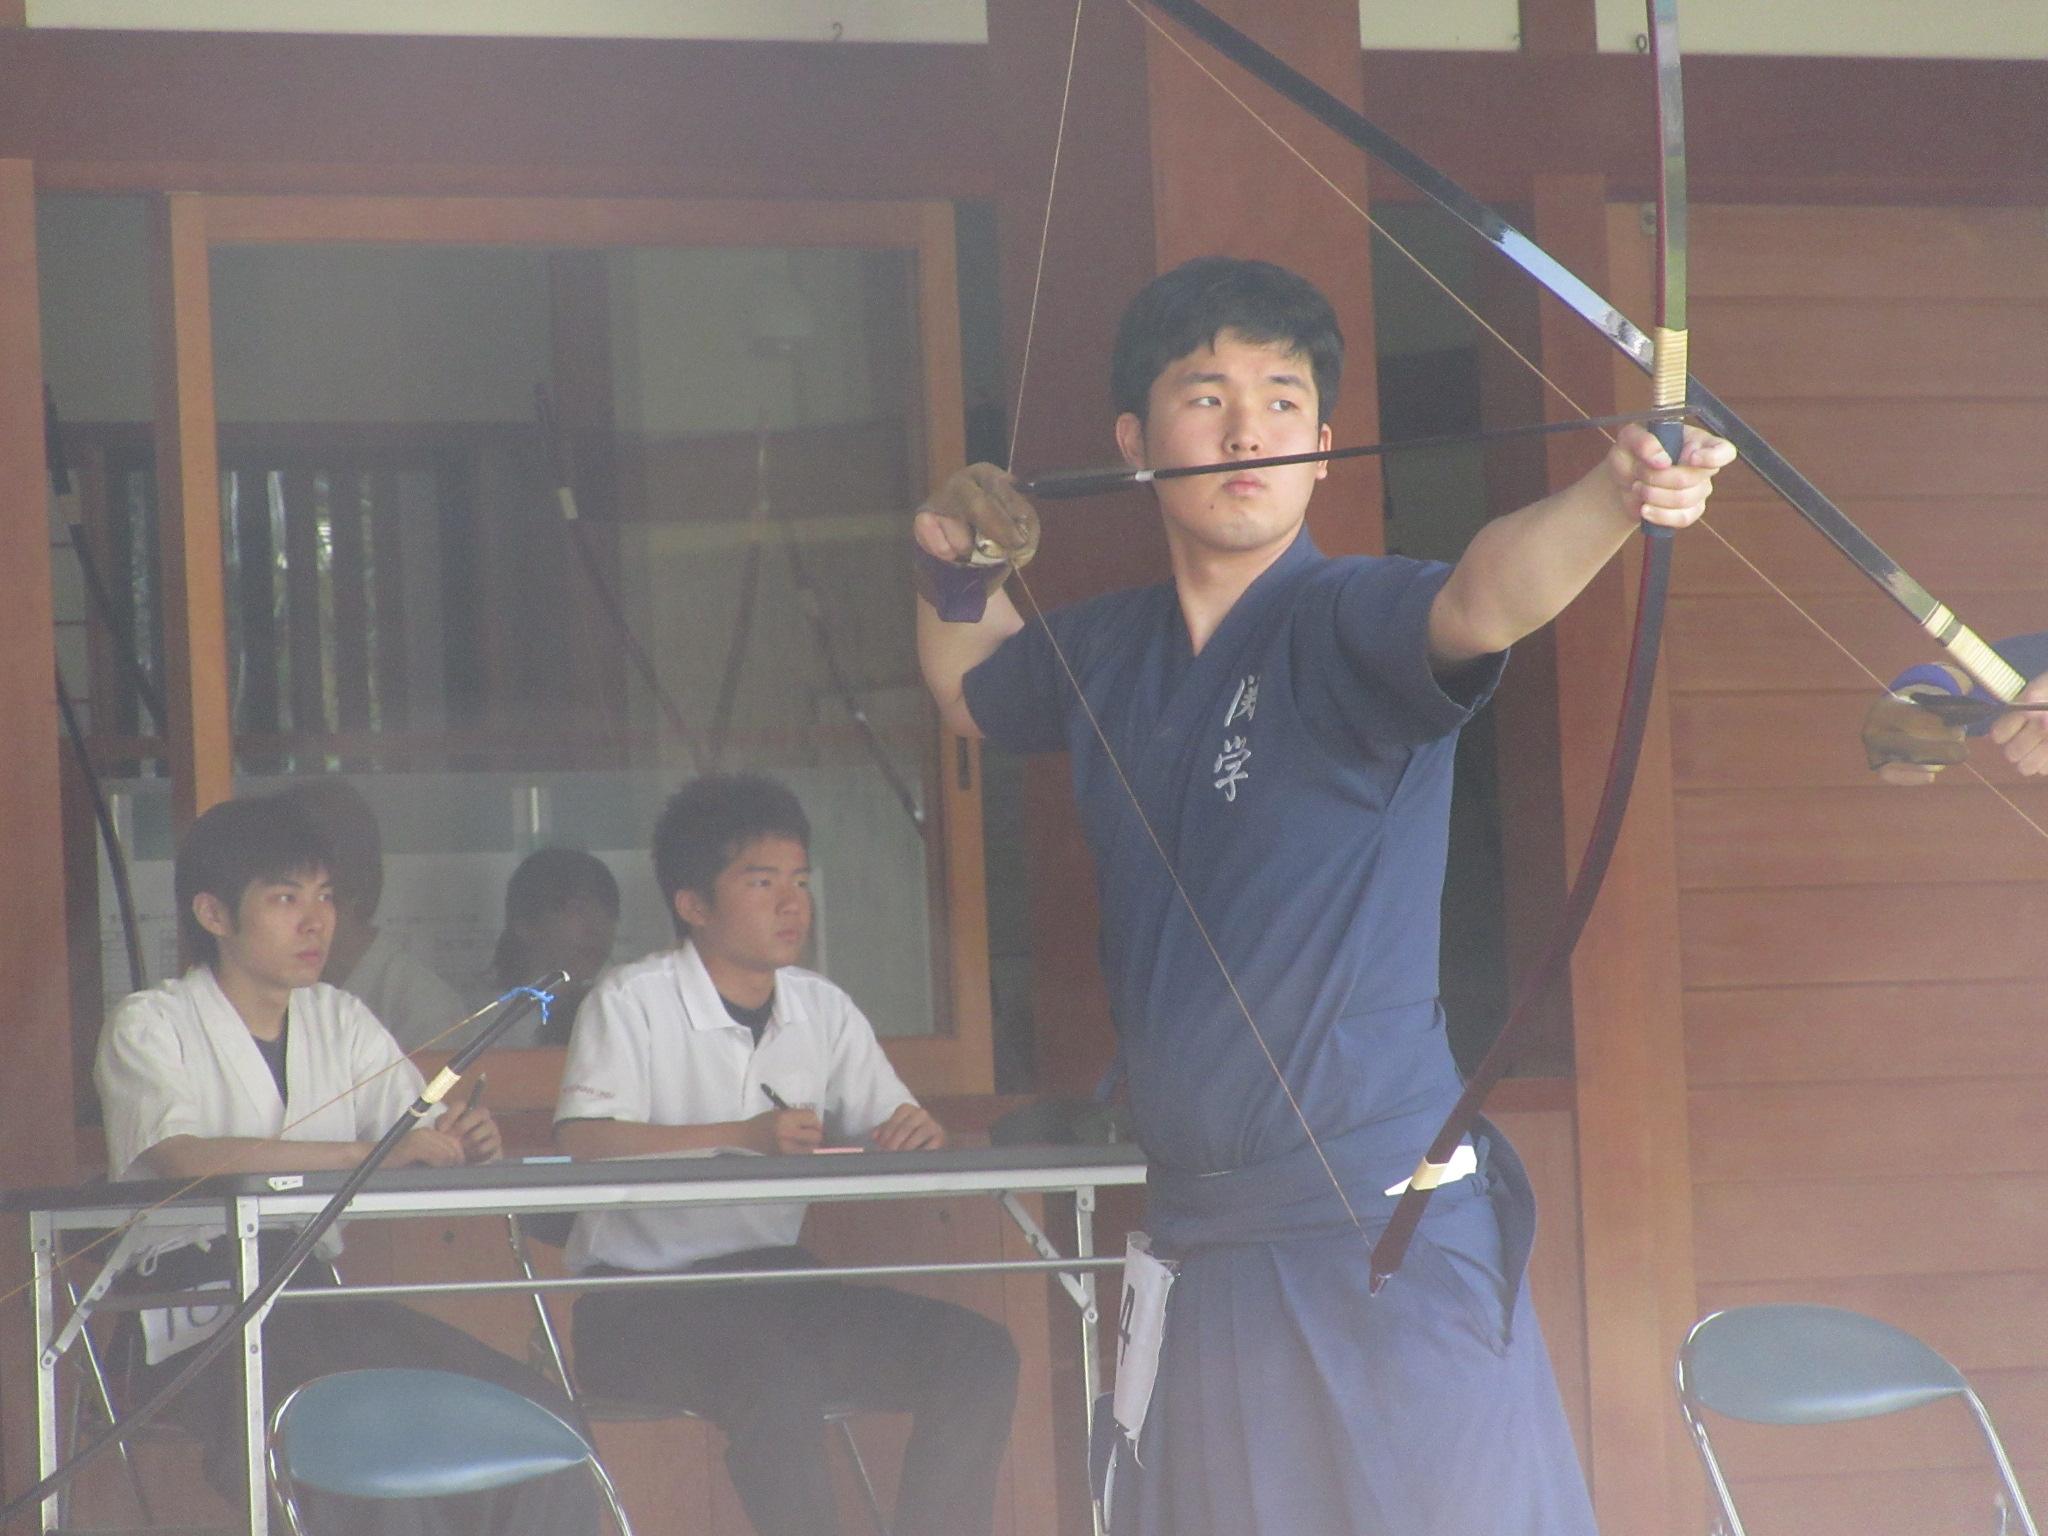 瀬戸(3)個人5位入賞 団体準優勝